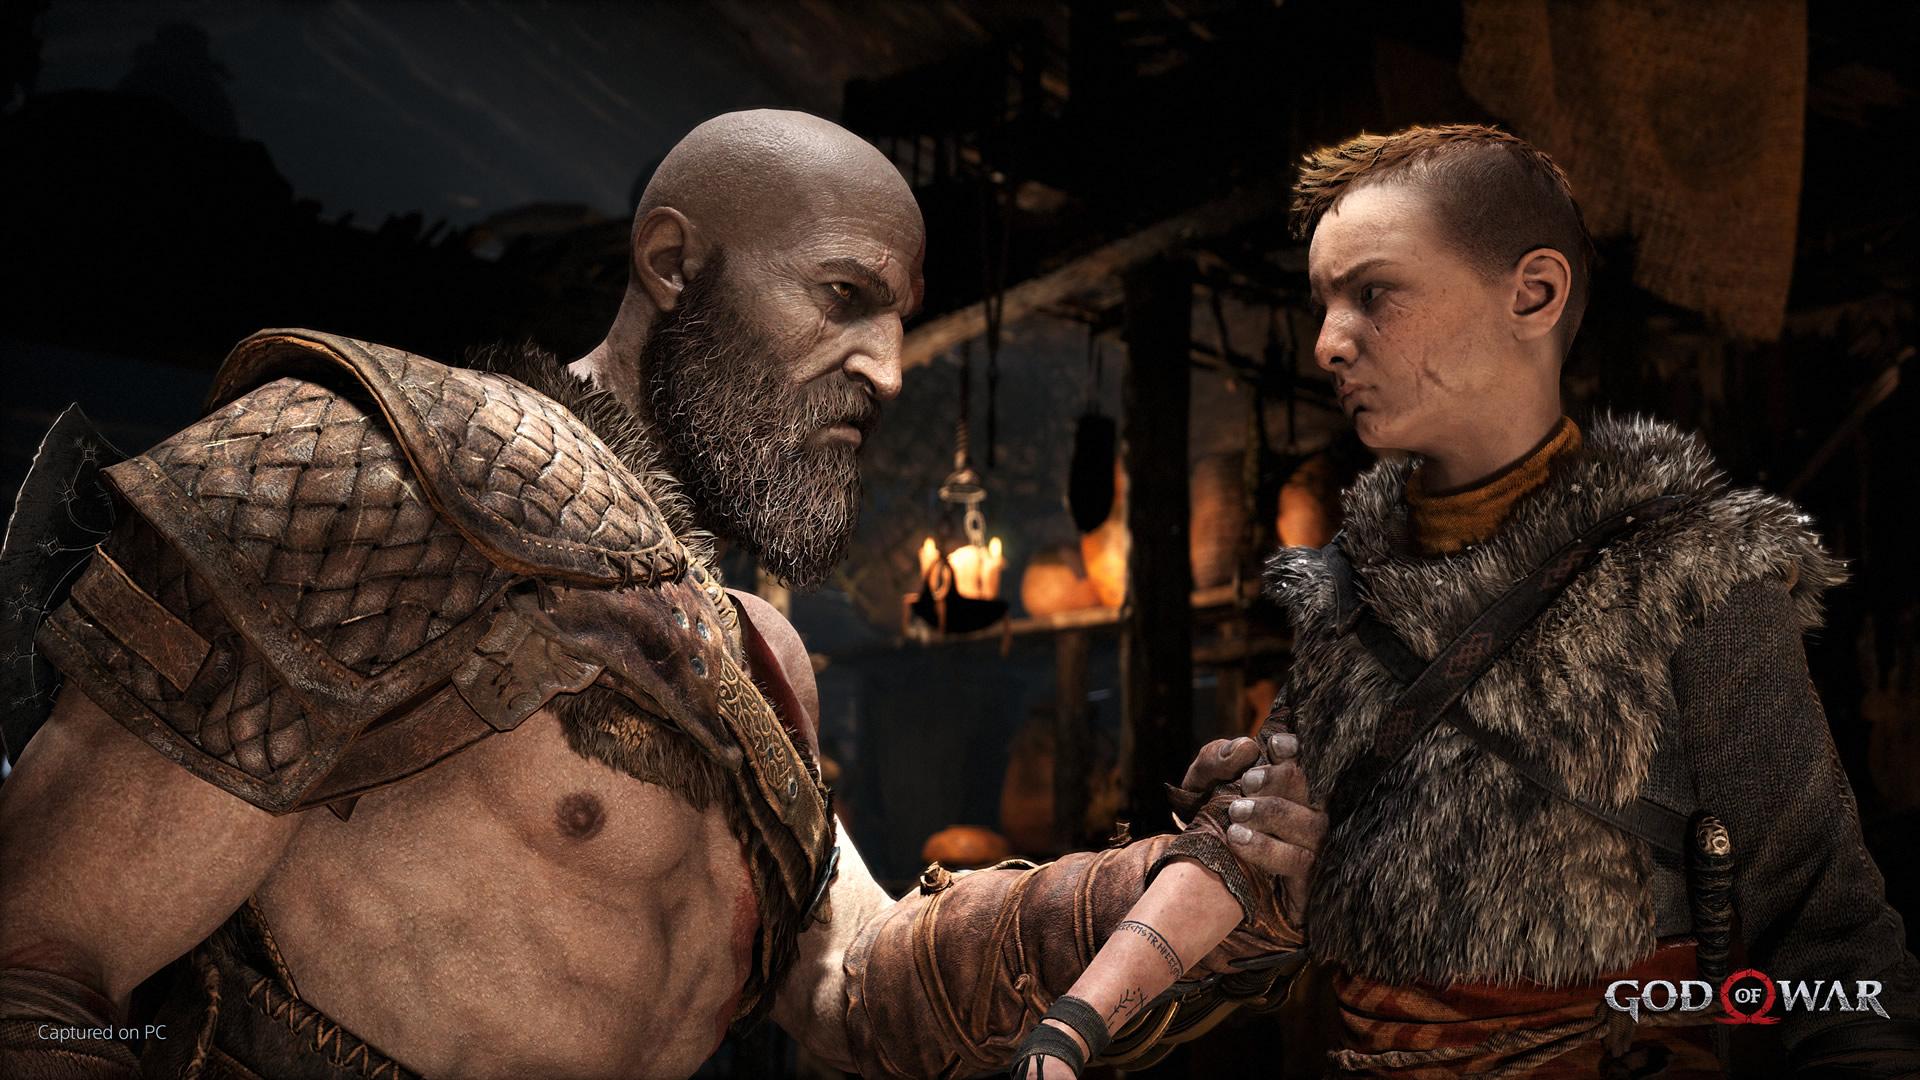 God of War anunciado oficialmente para PC con Nvidia DLSS y Reflex